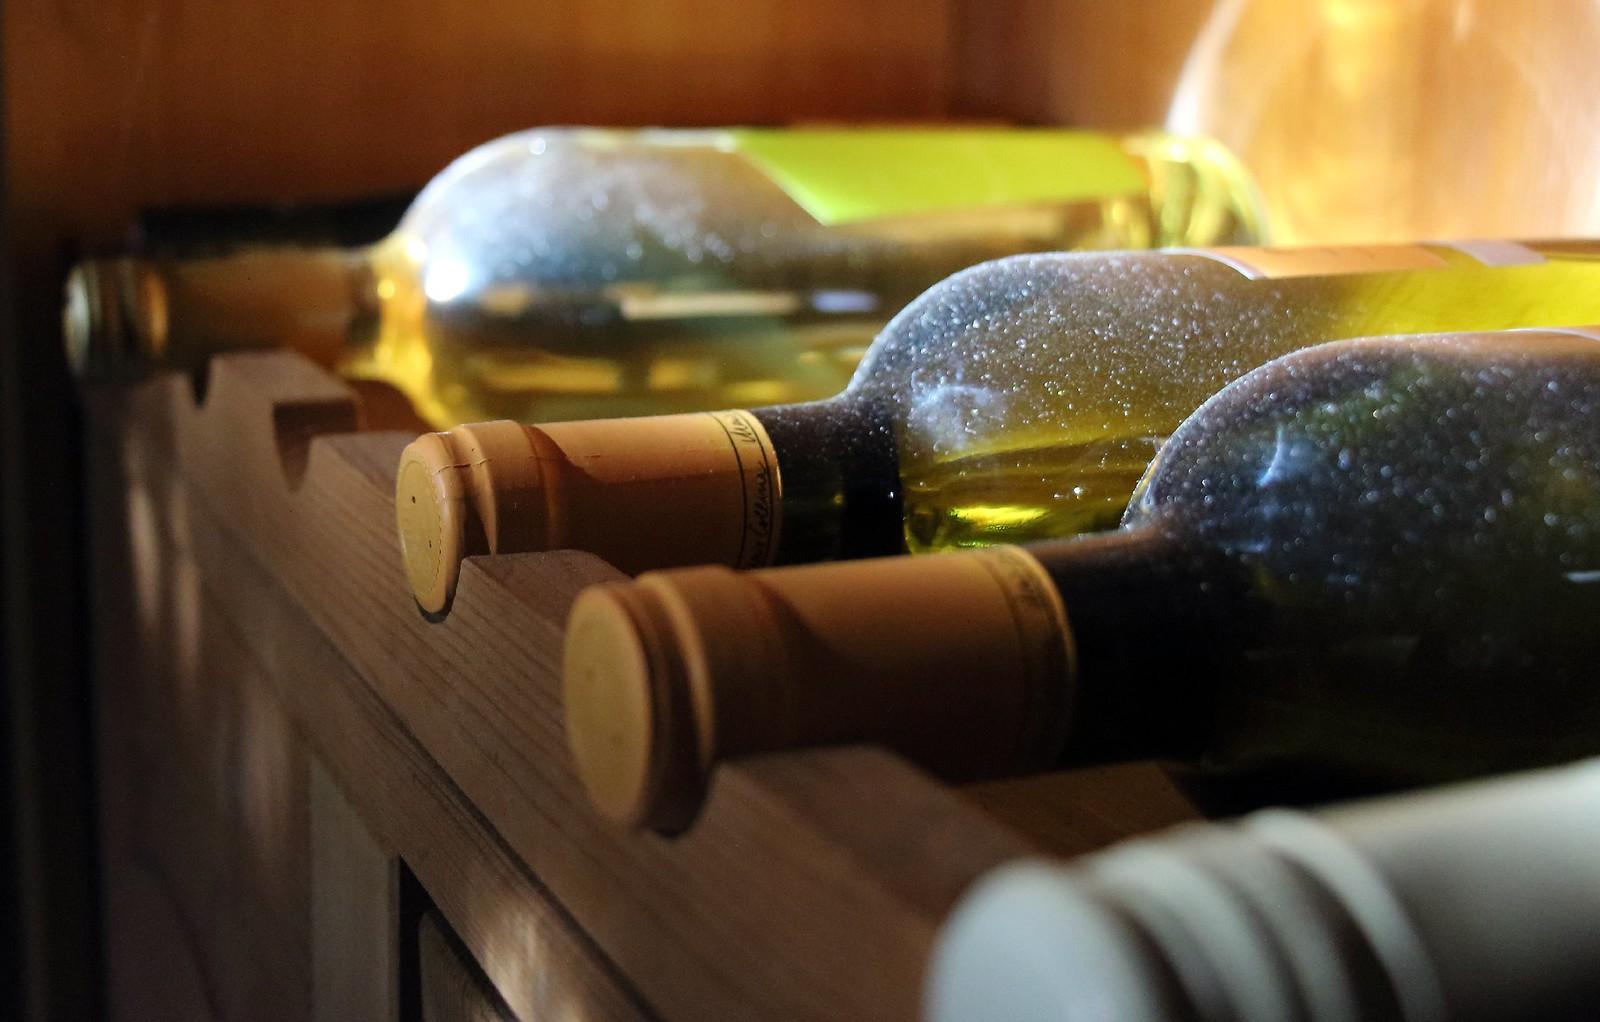 Wein - wine - vino